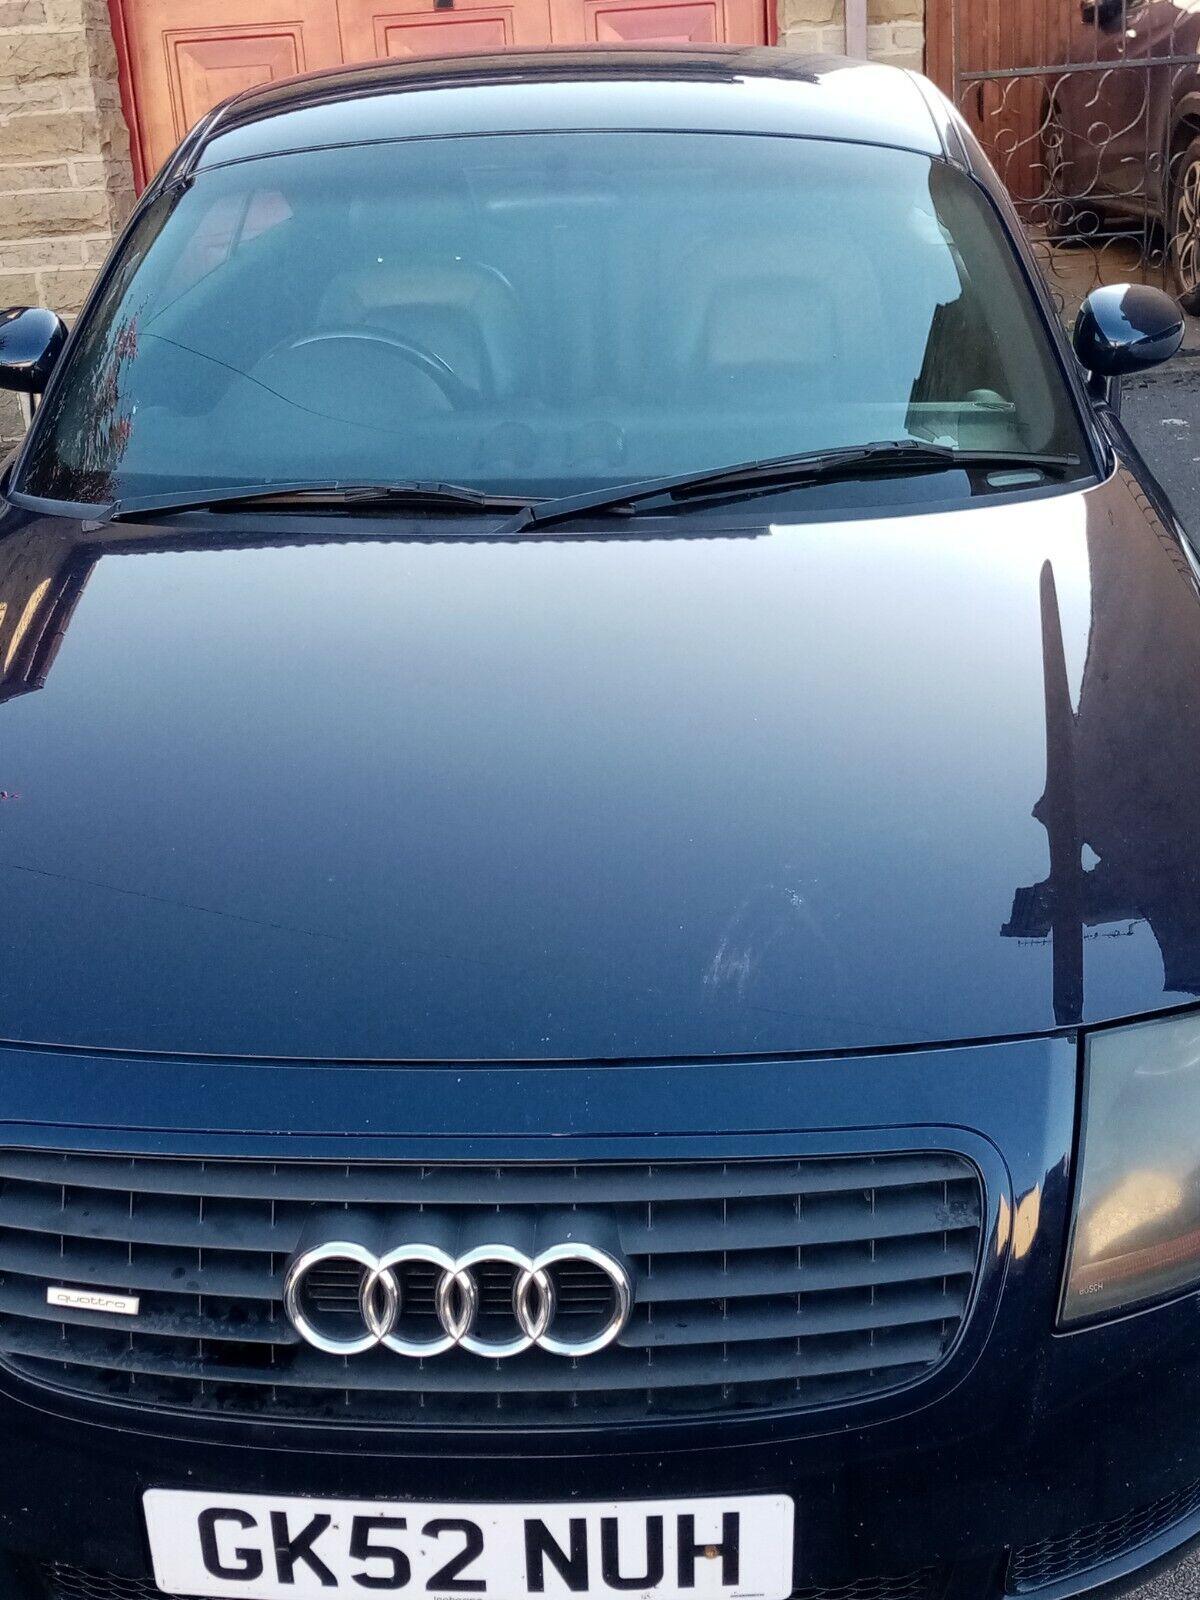 AUDI-TT-QUATTRO-180-BHP-COUPE-in-METALLIC-MORO-BLUE